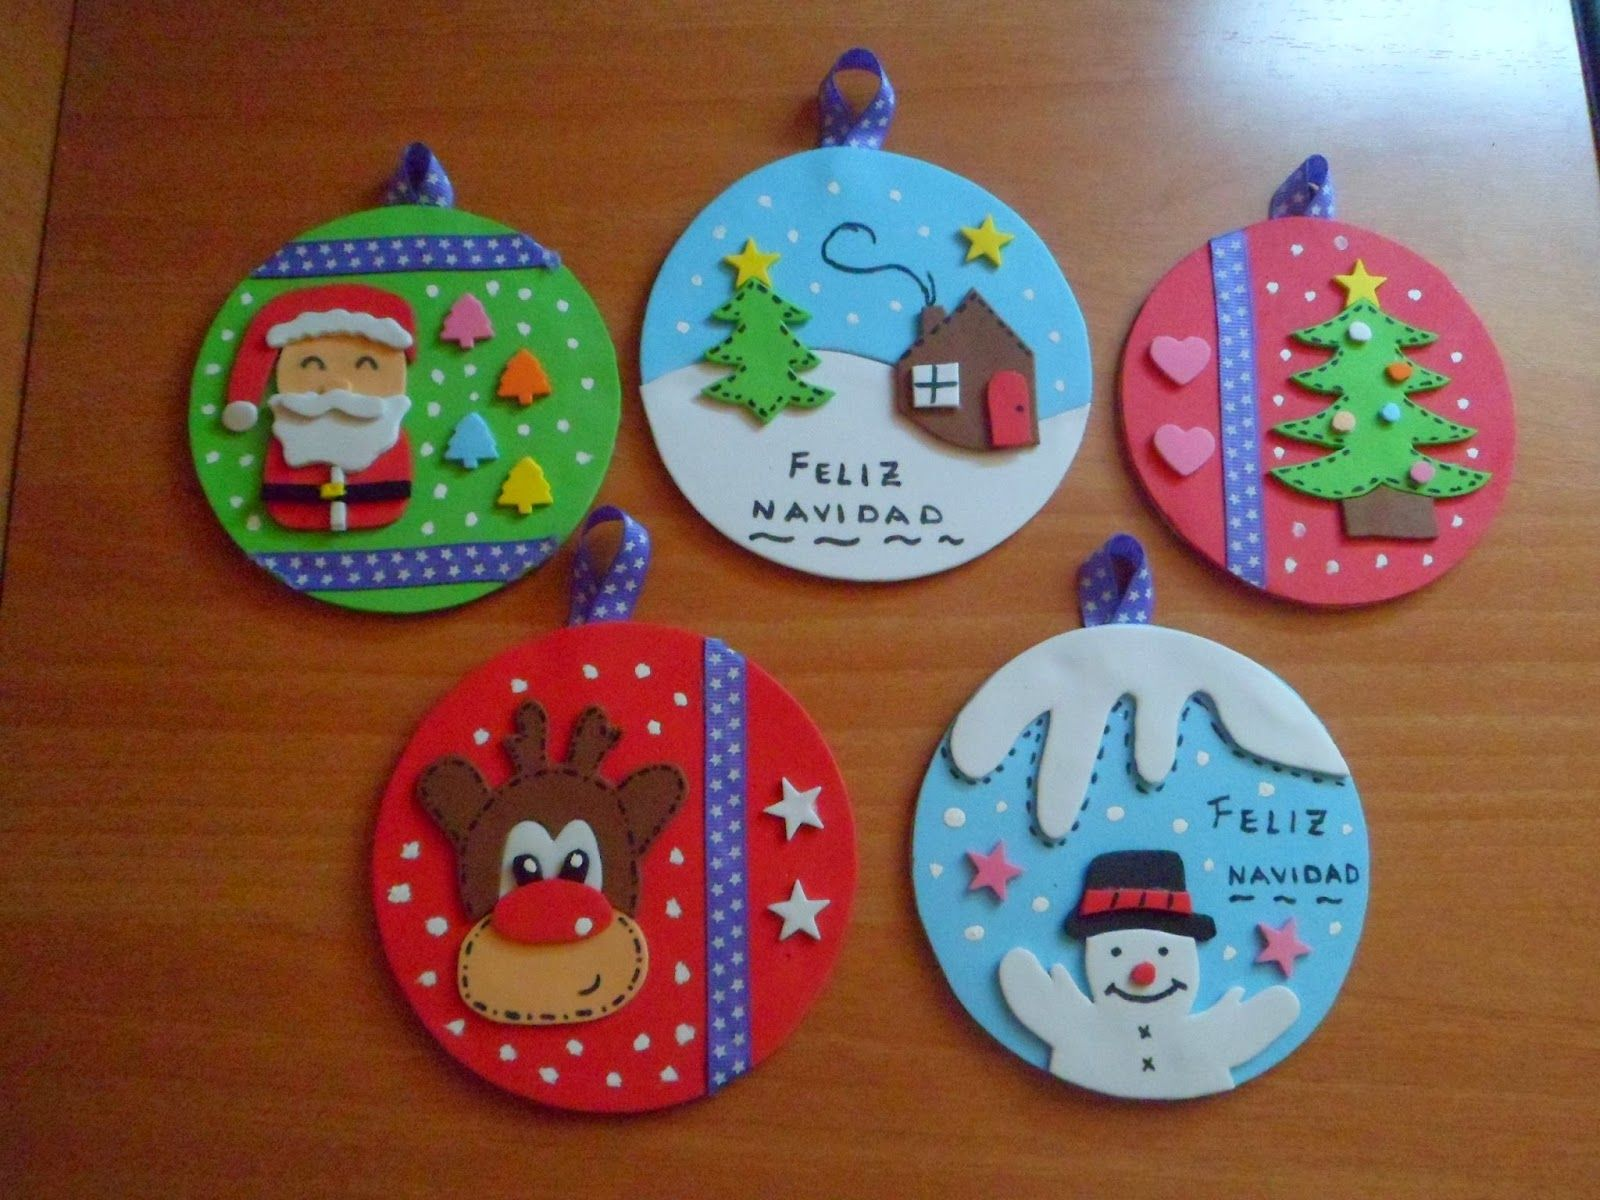 Adornos navidad navidad pinterest adornos navidad - Manualidades de navidad con goma eva ...